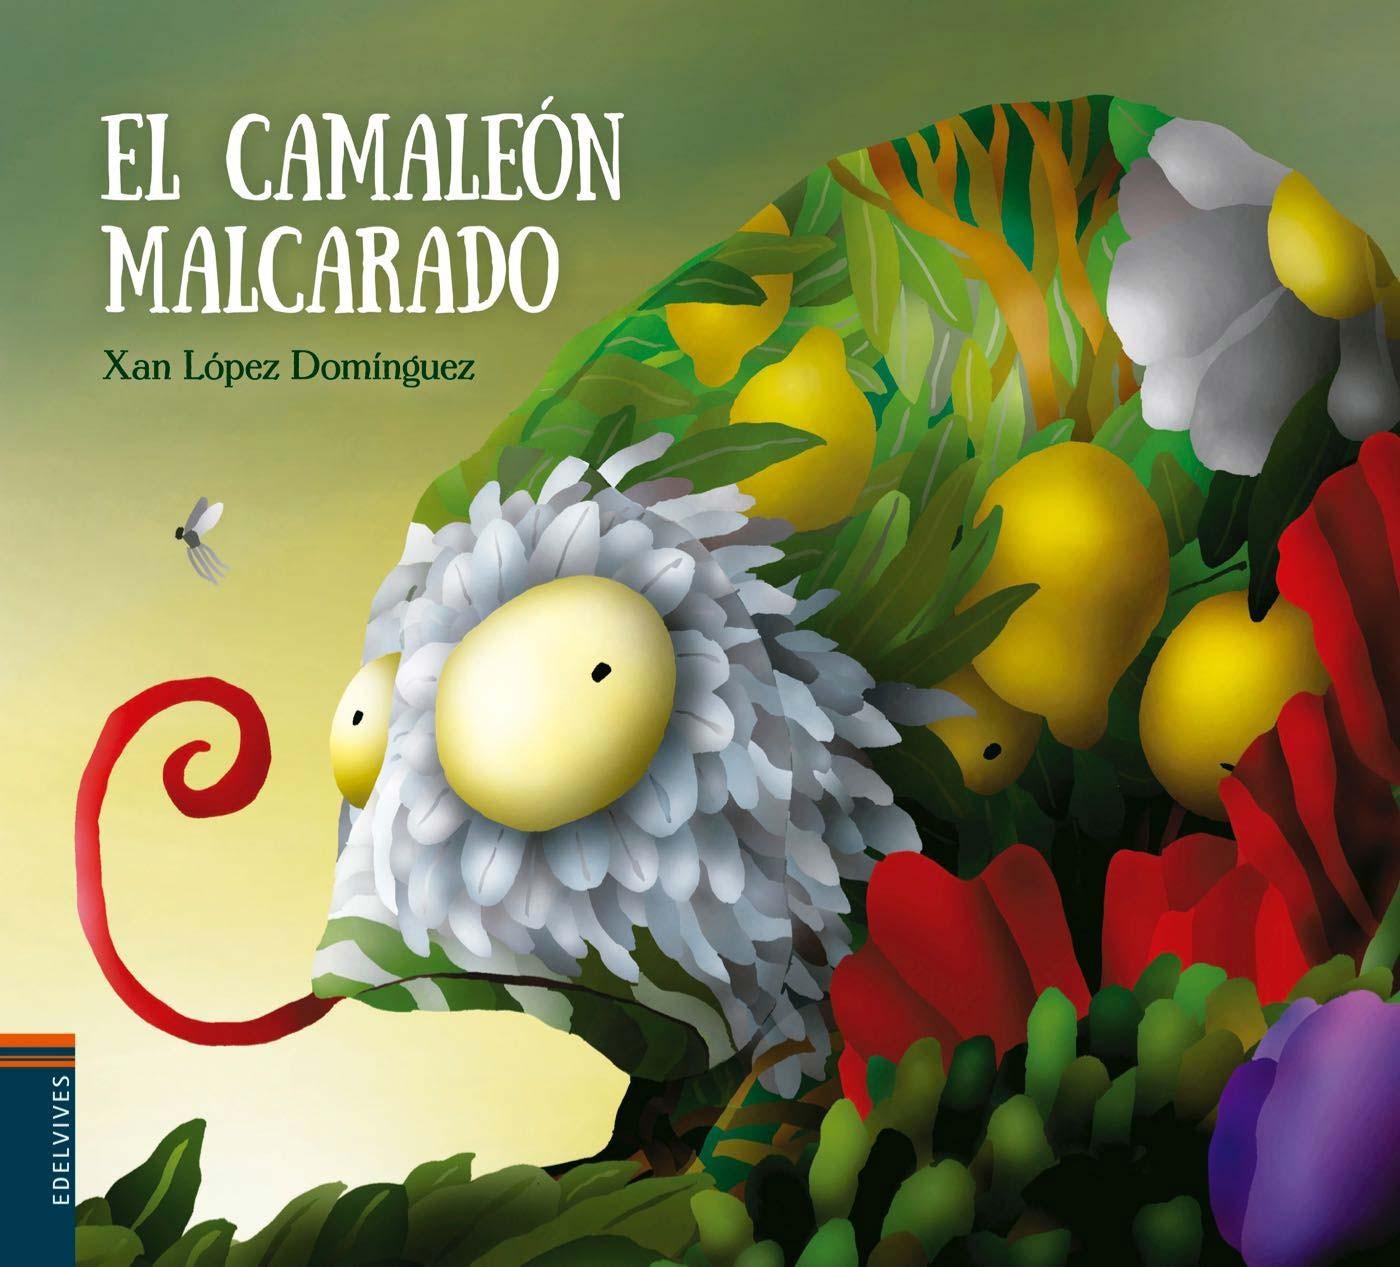 EL CAMALEON MALCARADO